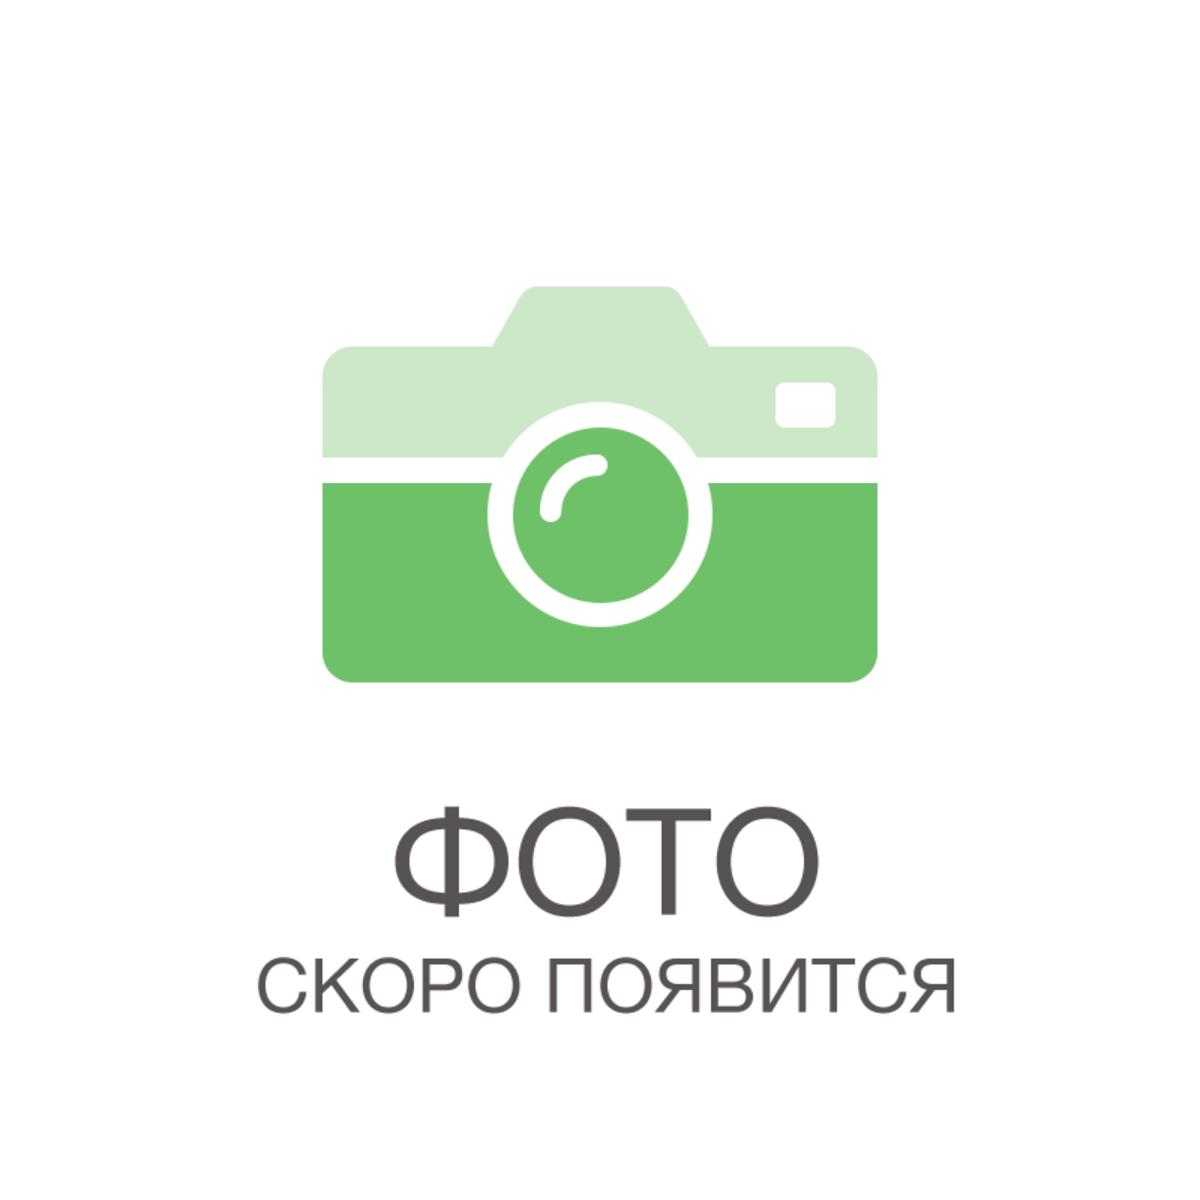 Профиль Т-образный 270 см нержавеющая сталь цвет серый